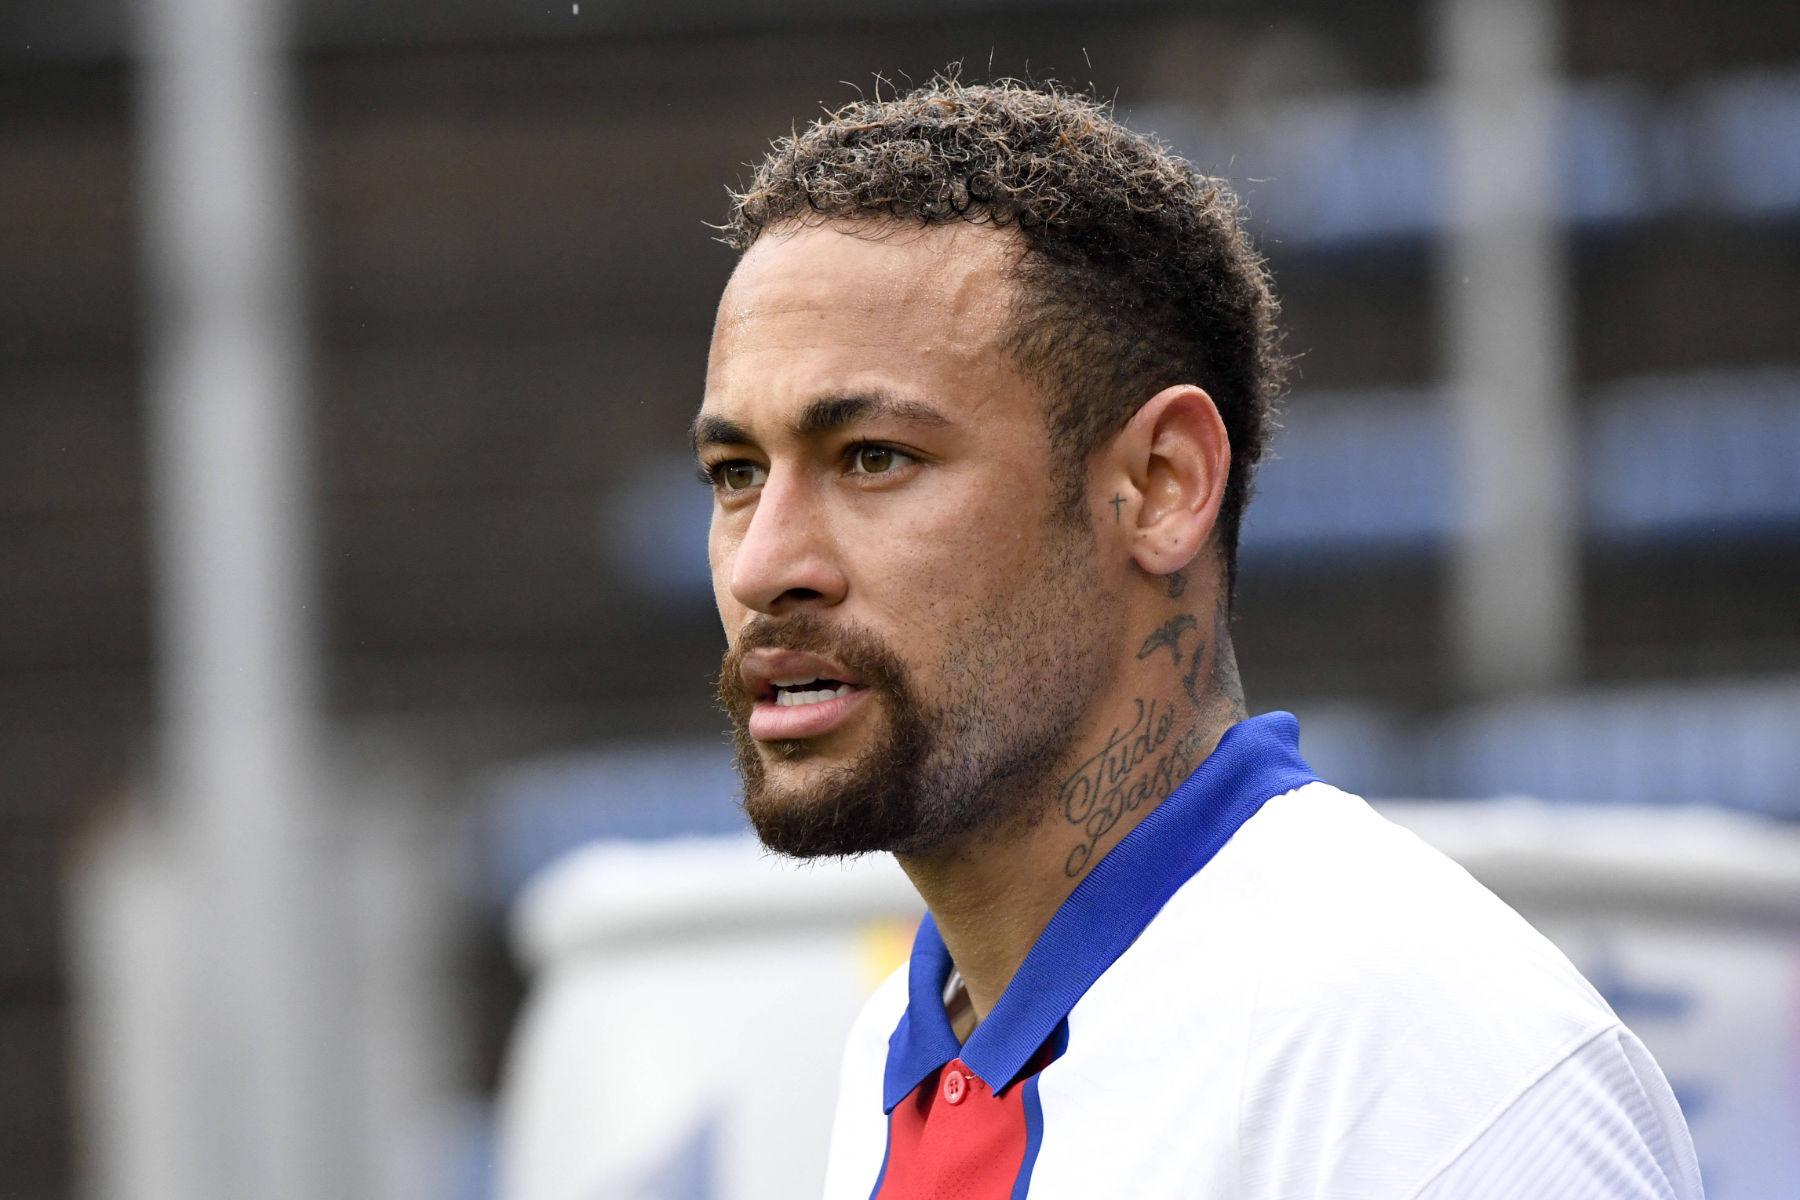 Neymar กล่าวว่า PSG ได้รับการจัดตั้งขึ้นในฐานะทีมห้าอันดับแรกของโลกในวันนี้